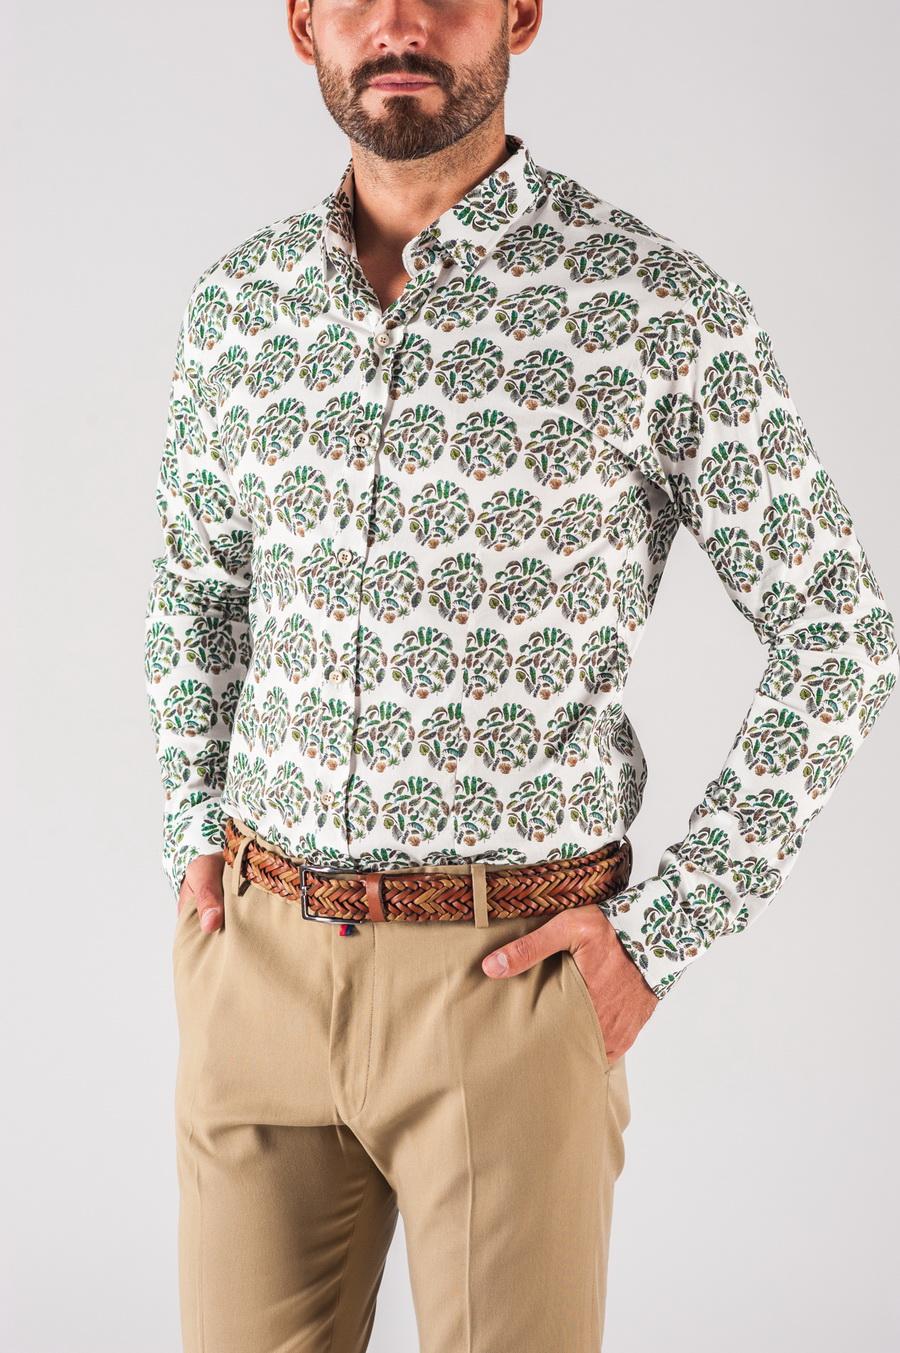 736e18db832b71c Мужская рубашка с растительным принтом. Арт.:5-716-8 - Smartcasuals